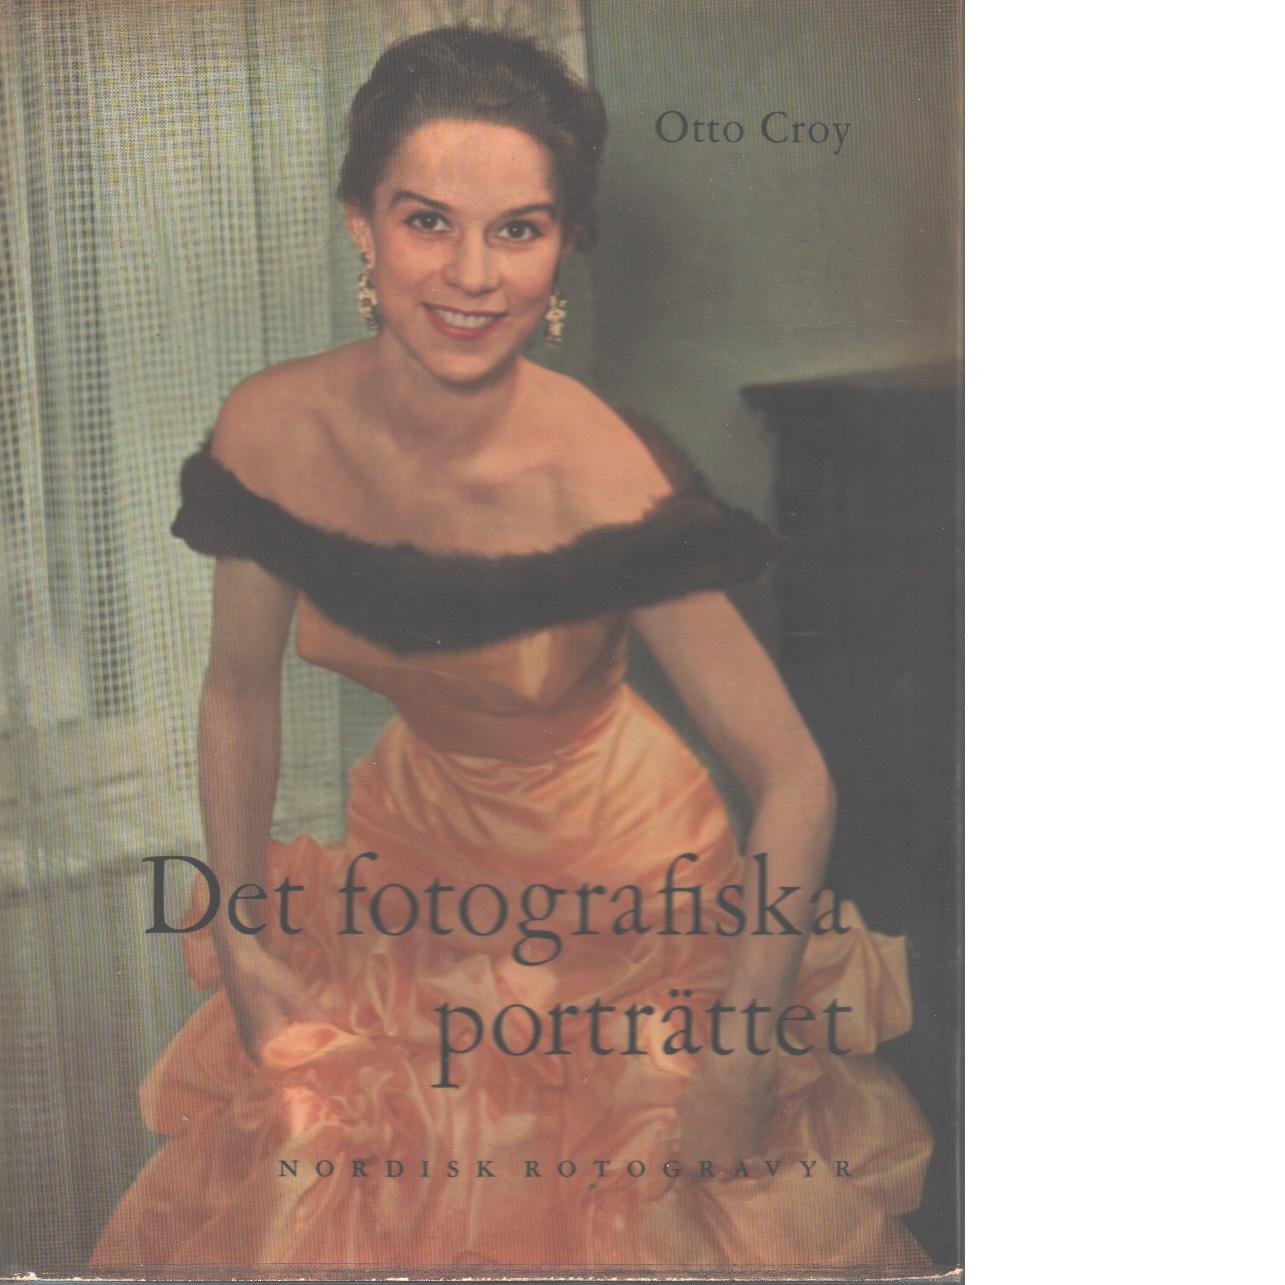 Det fotografiska porträttet i svartvitt och färg - Croy, Otto